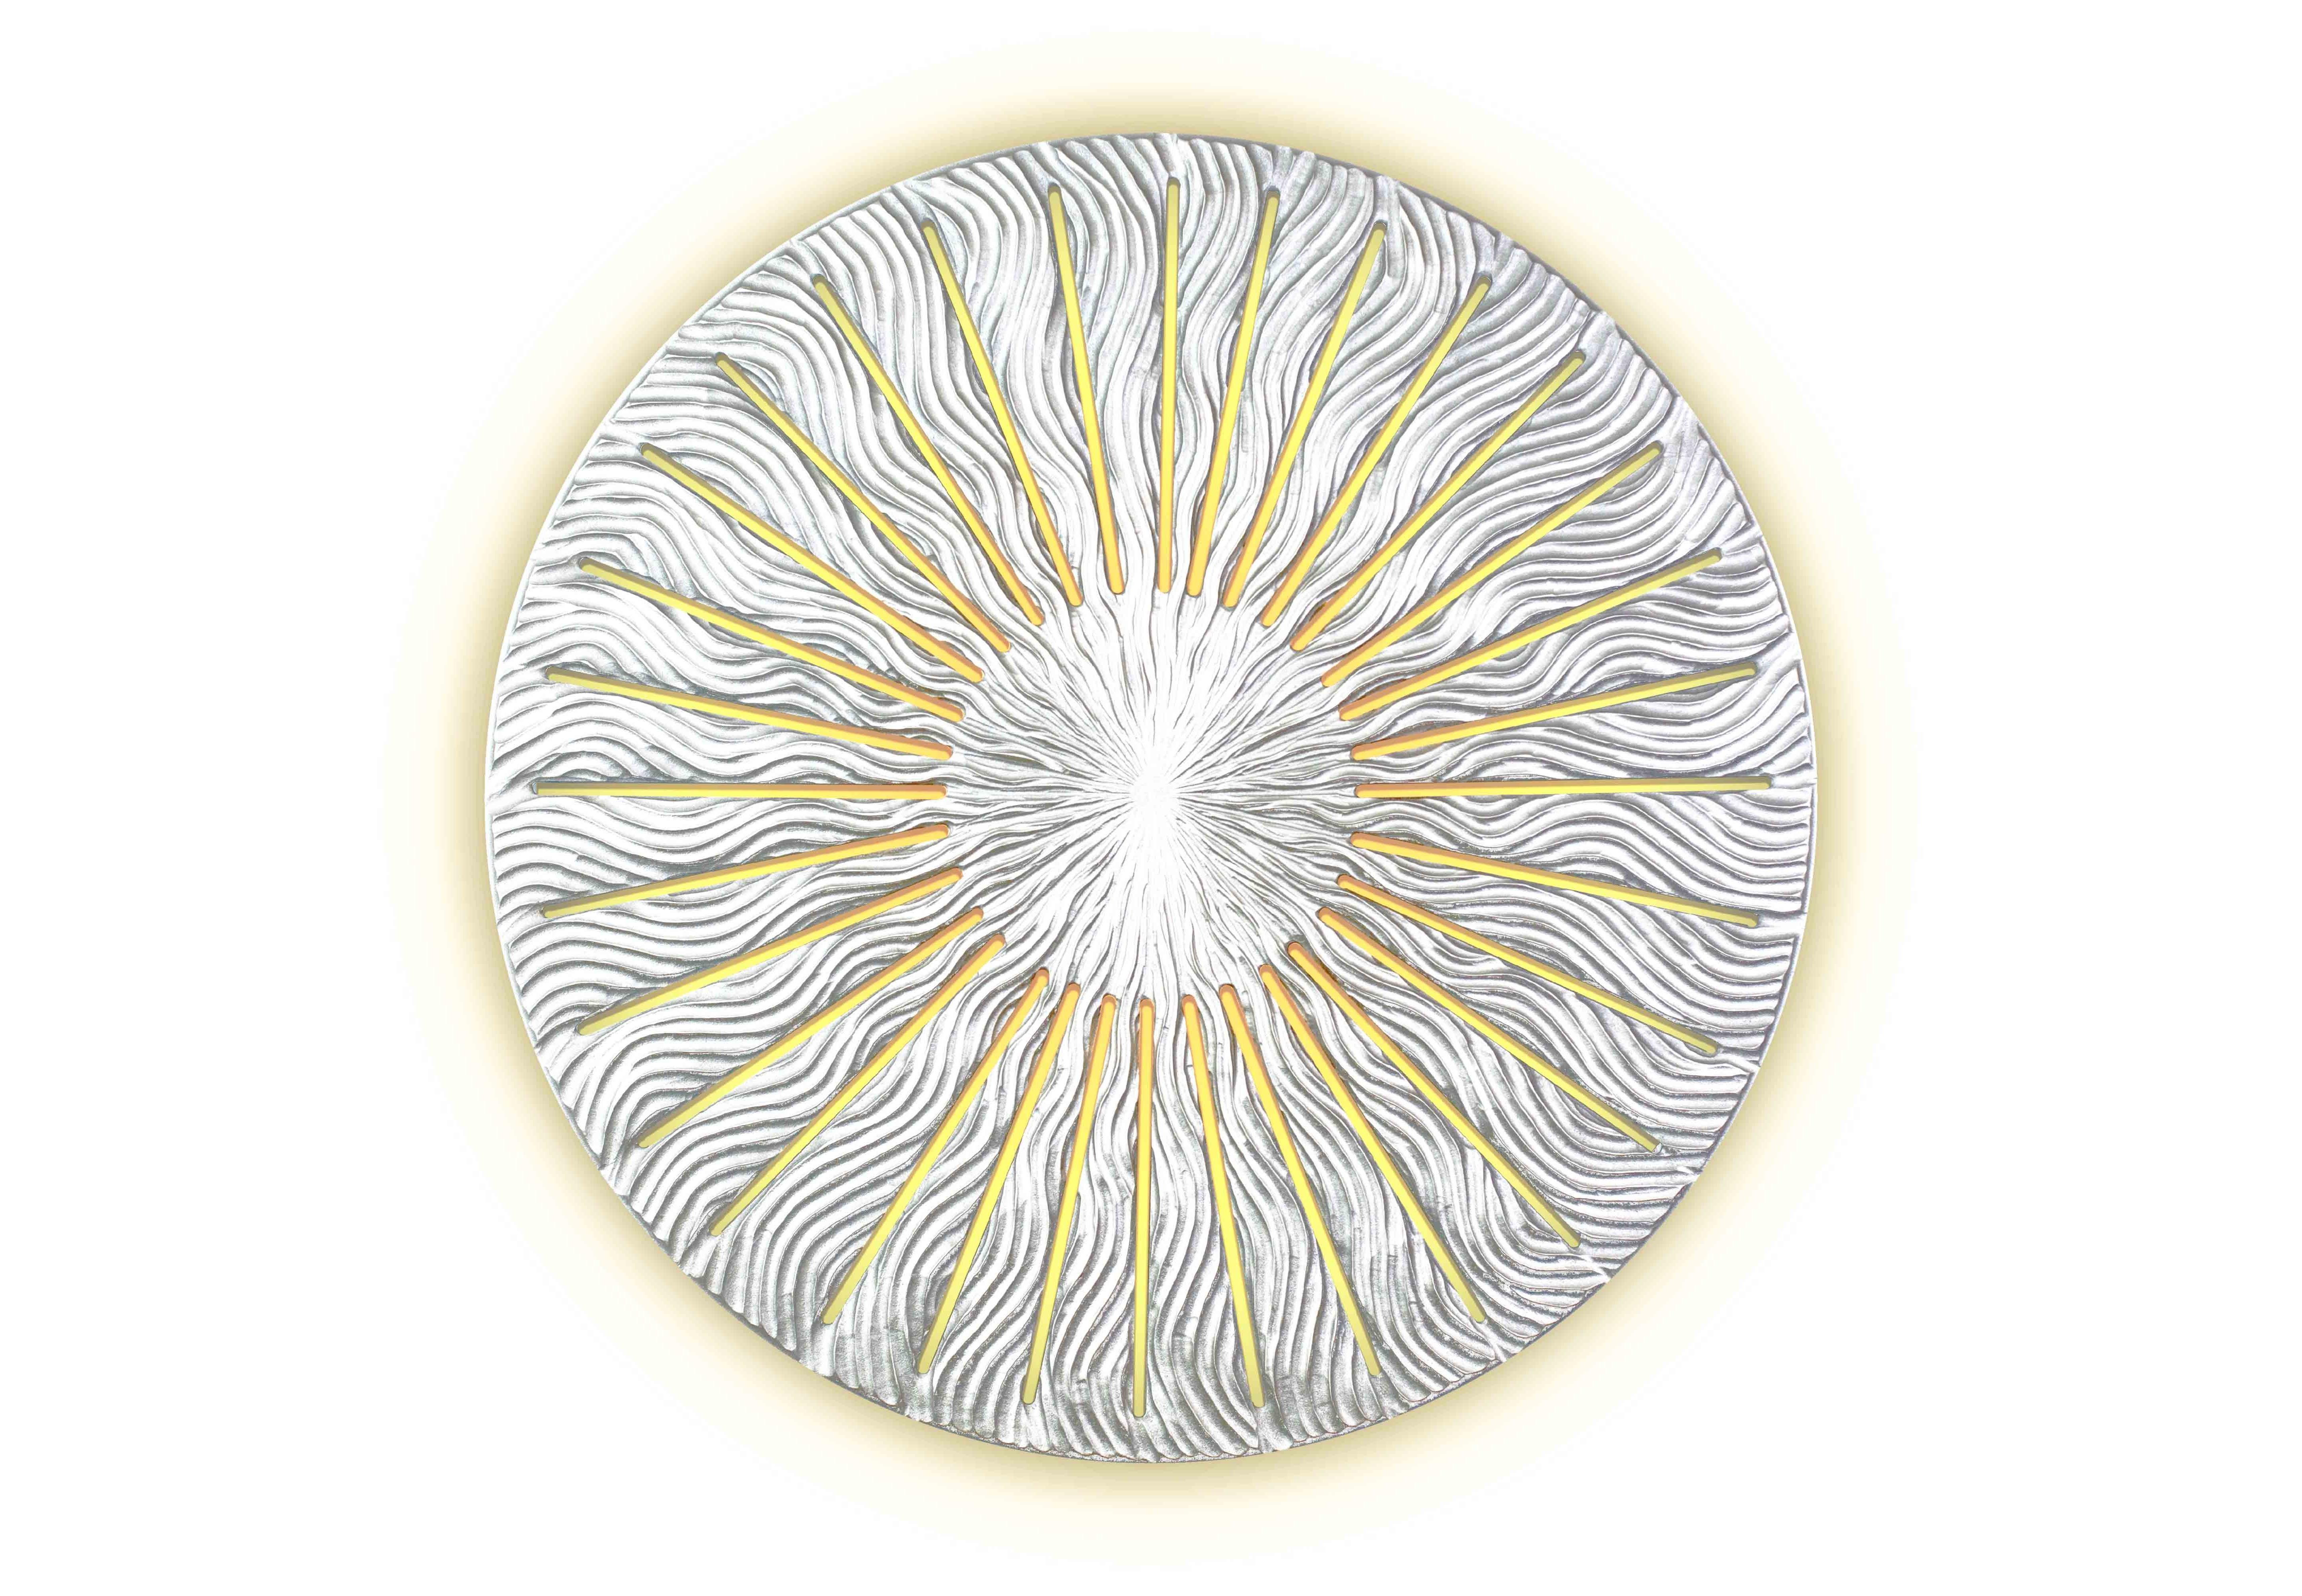 Панно INCIPIENTПанно<br>Встречая рассвет, мы приветствуем возрождение жизни, надежды, любви. <br>Восходящее солнце озаряет и пробуждает мир, вселяет в нас веру в новый день и новую удачу. <br>Панно Incipient символизирует этот чудесный миг – восход солнца.&amp;amp;nbsp;<br><br>Material: Дерево<br>Depth см: 0,8<br>Diameter см: 99